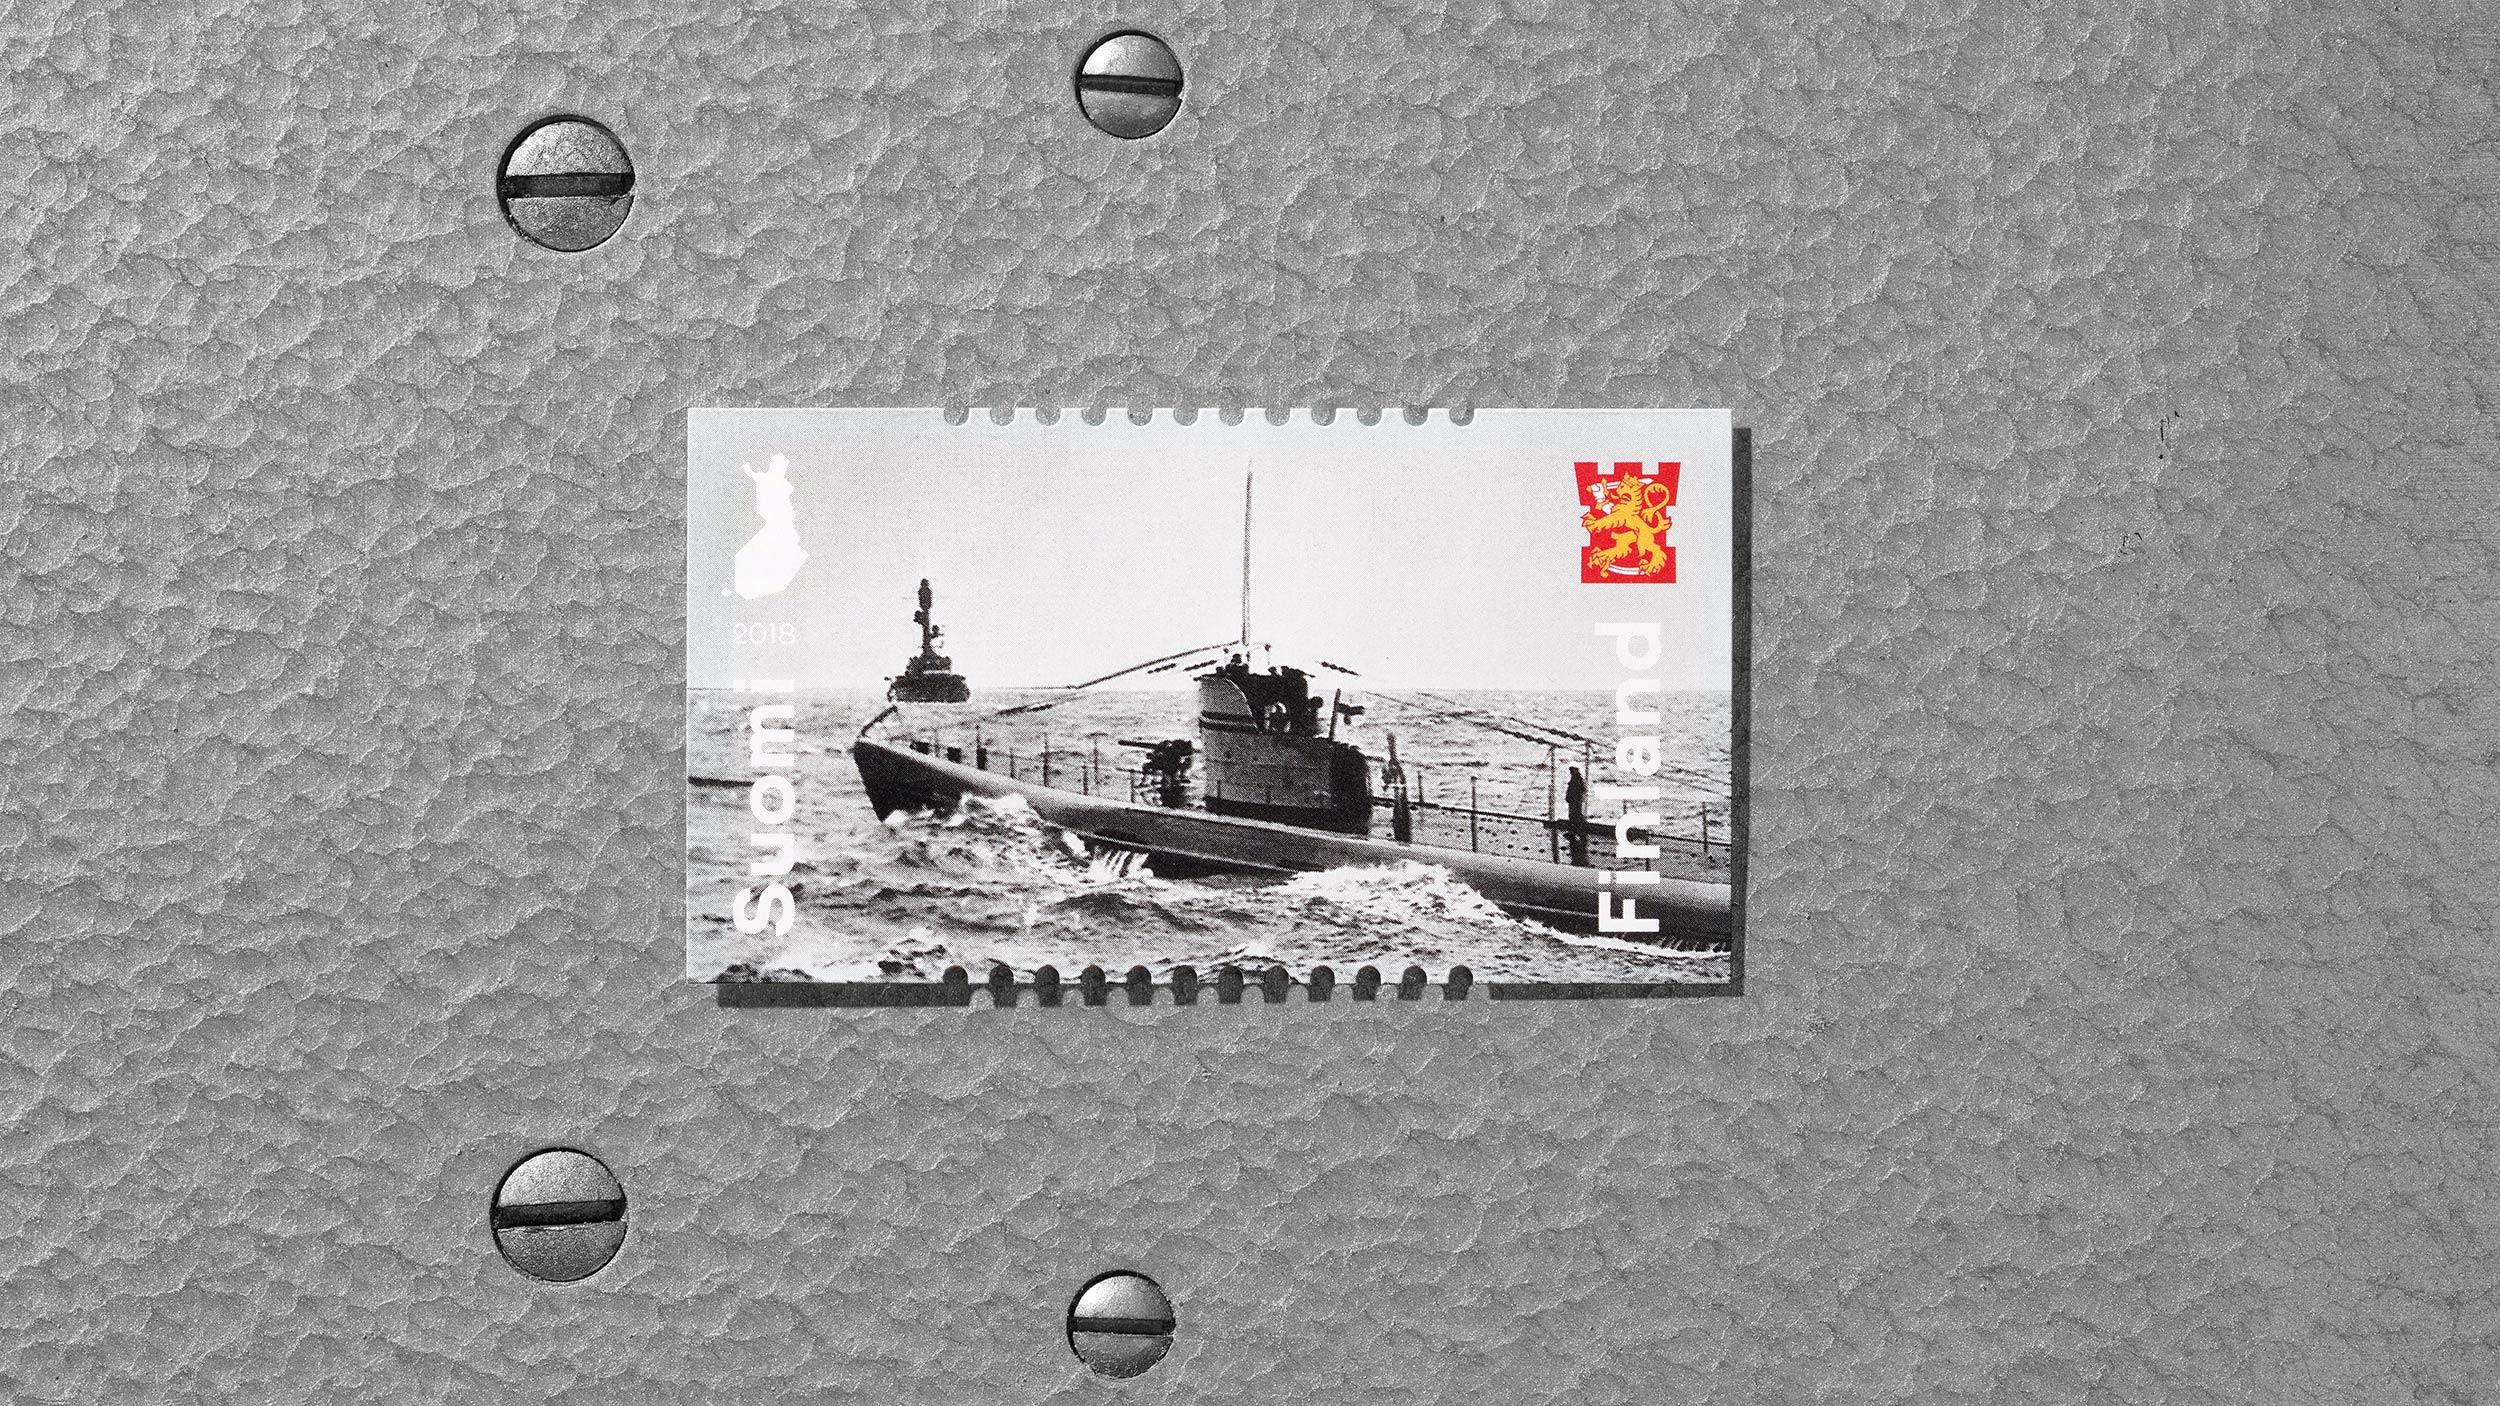 Postimerkki sai aiheensa Puolustusvoimien laitteista ja varusteista.